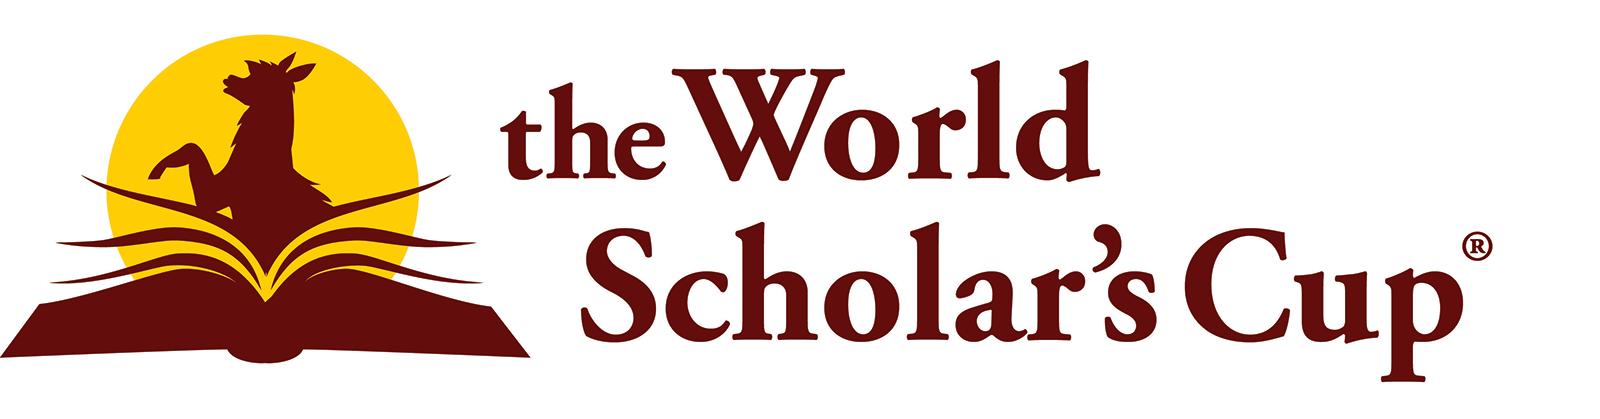 苏州德威学子学者杯大放异彩, 五组同学获全球比赛资格